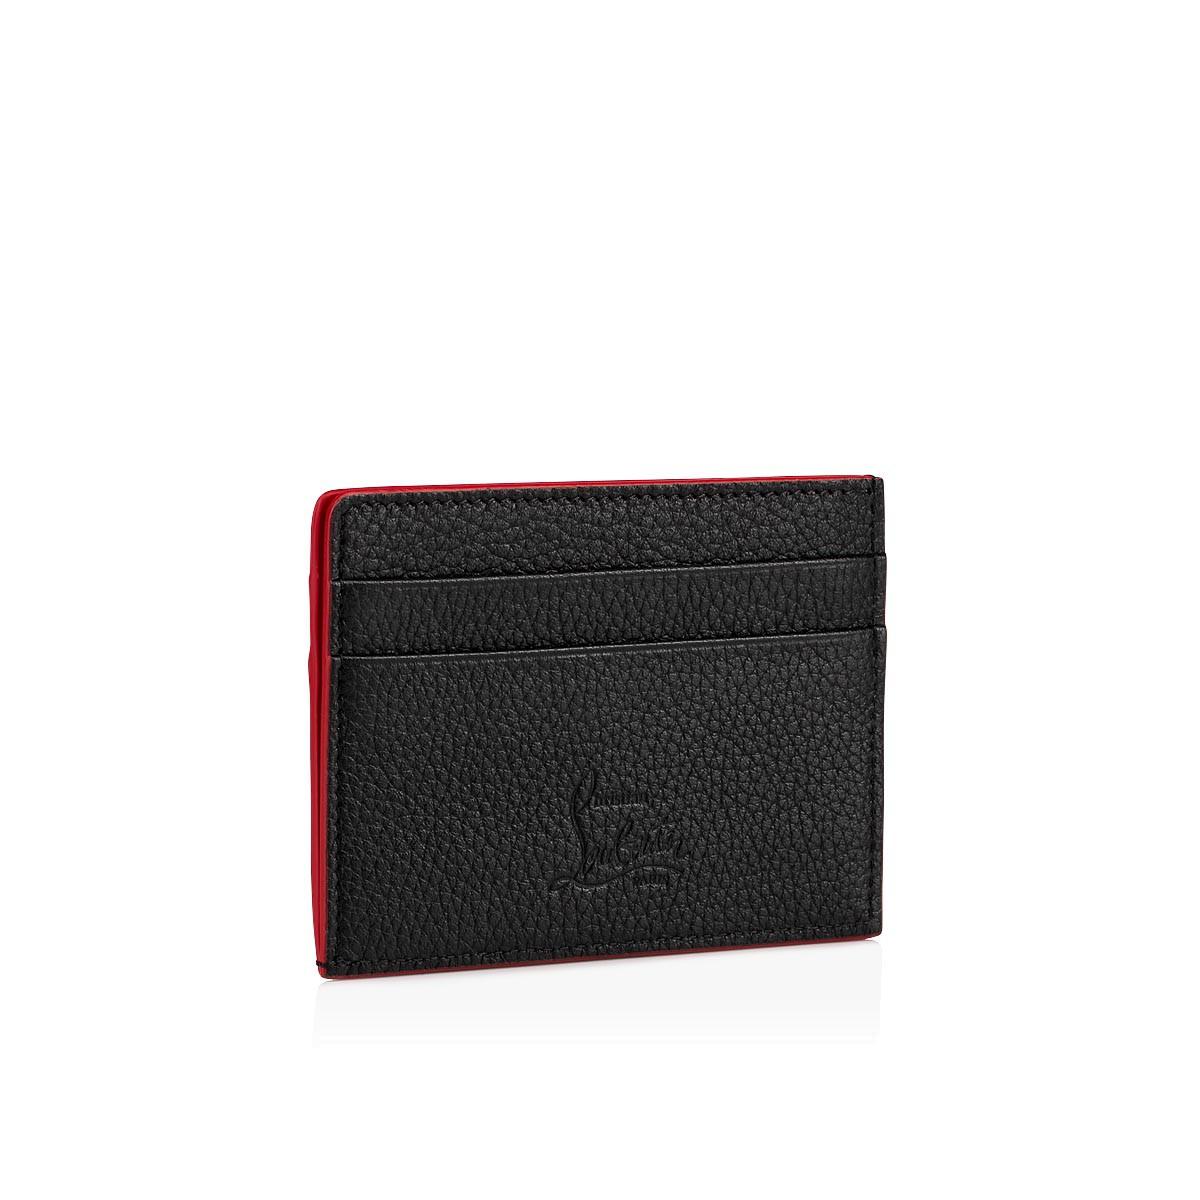 Small Leather Goods - Kios - Christian Louboutin